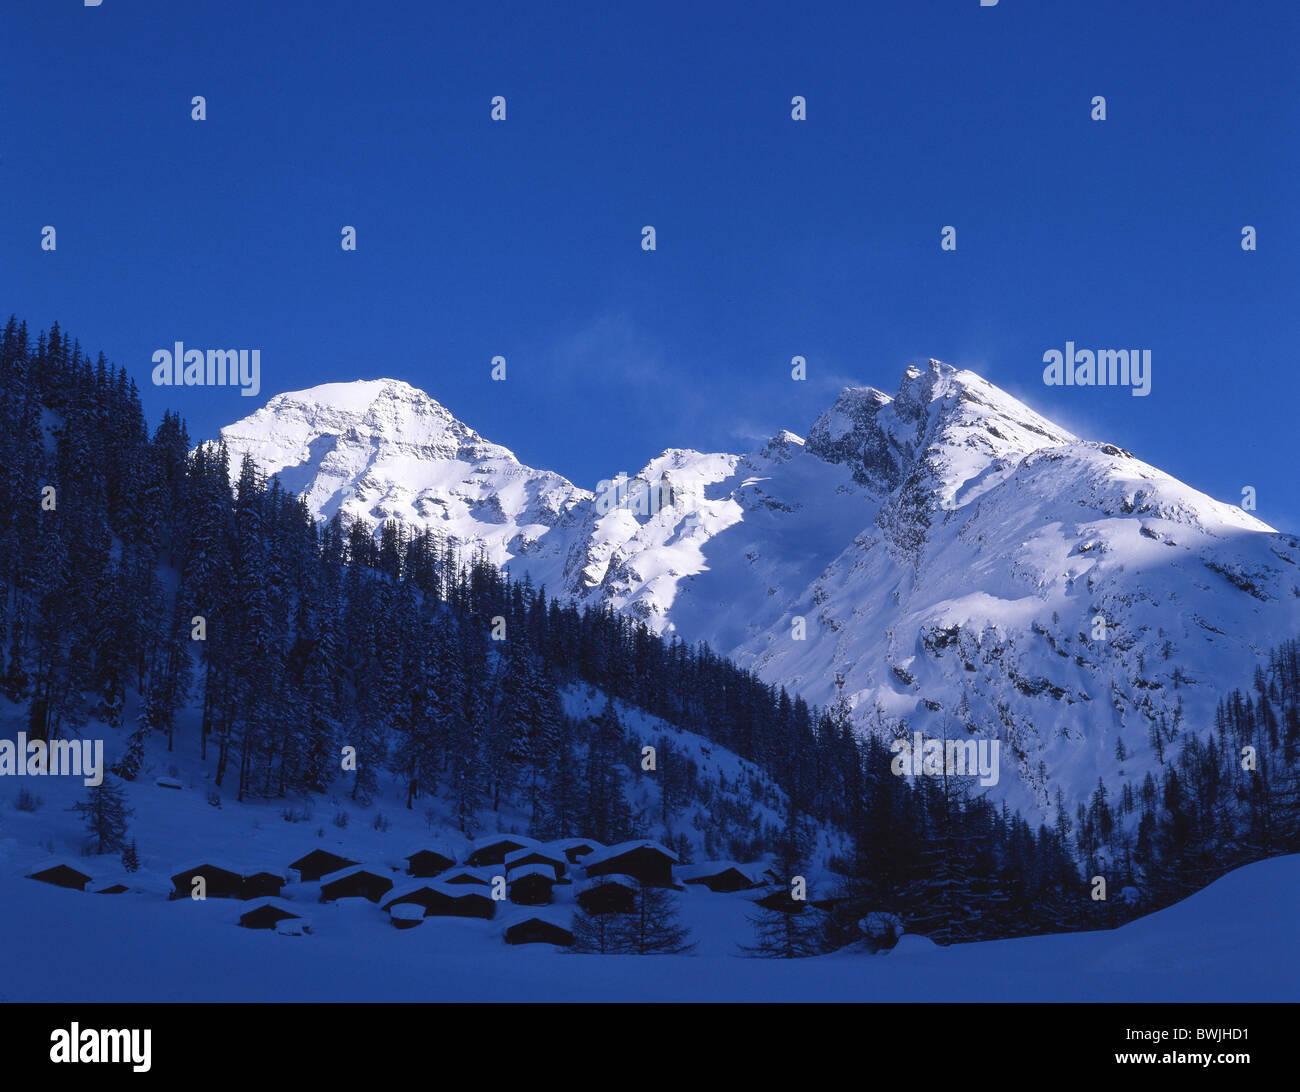 Lotschental Fafleralp hamlet settlement shade winter snow mountains Alps dusk twilight mood canton Valais - Stock Image